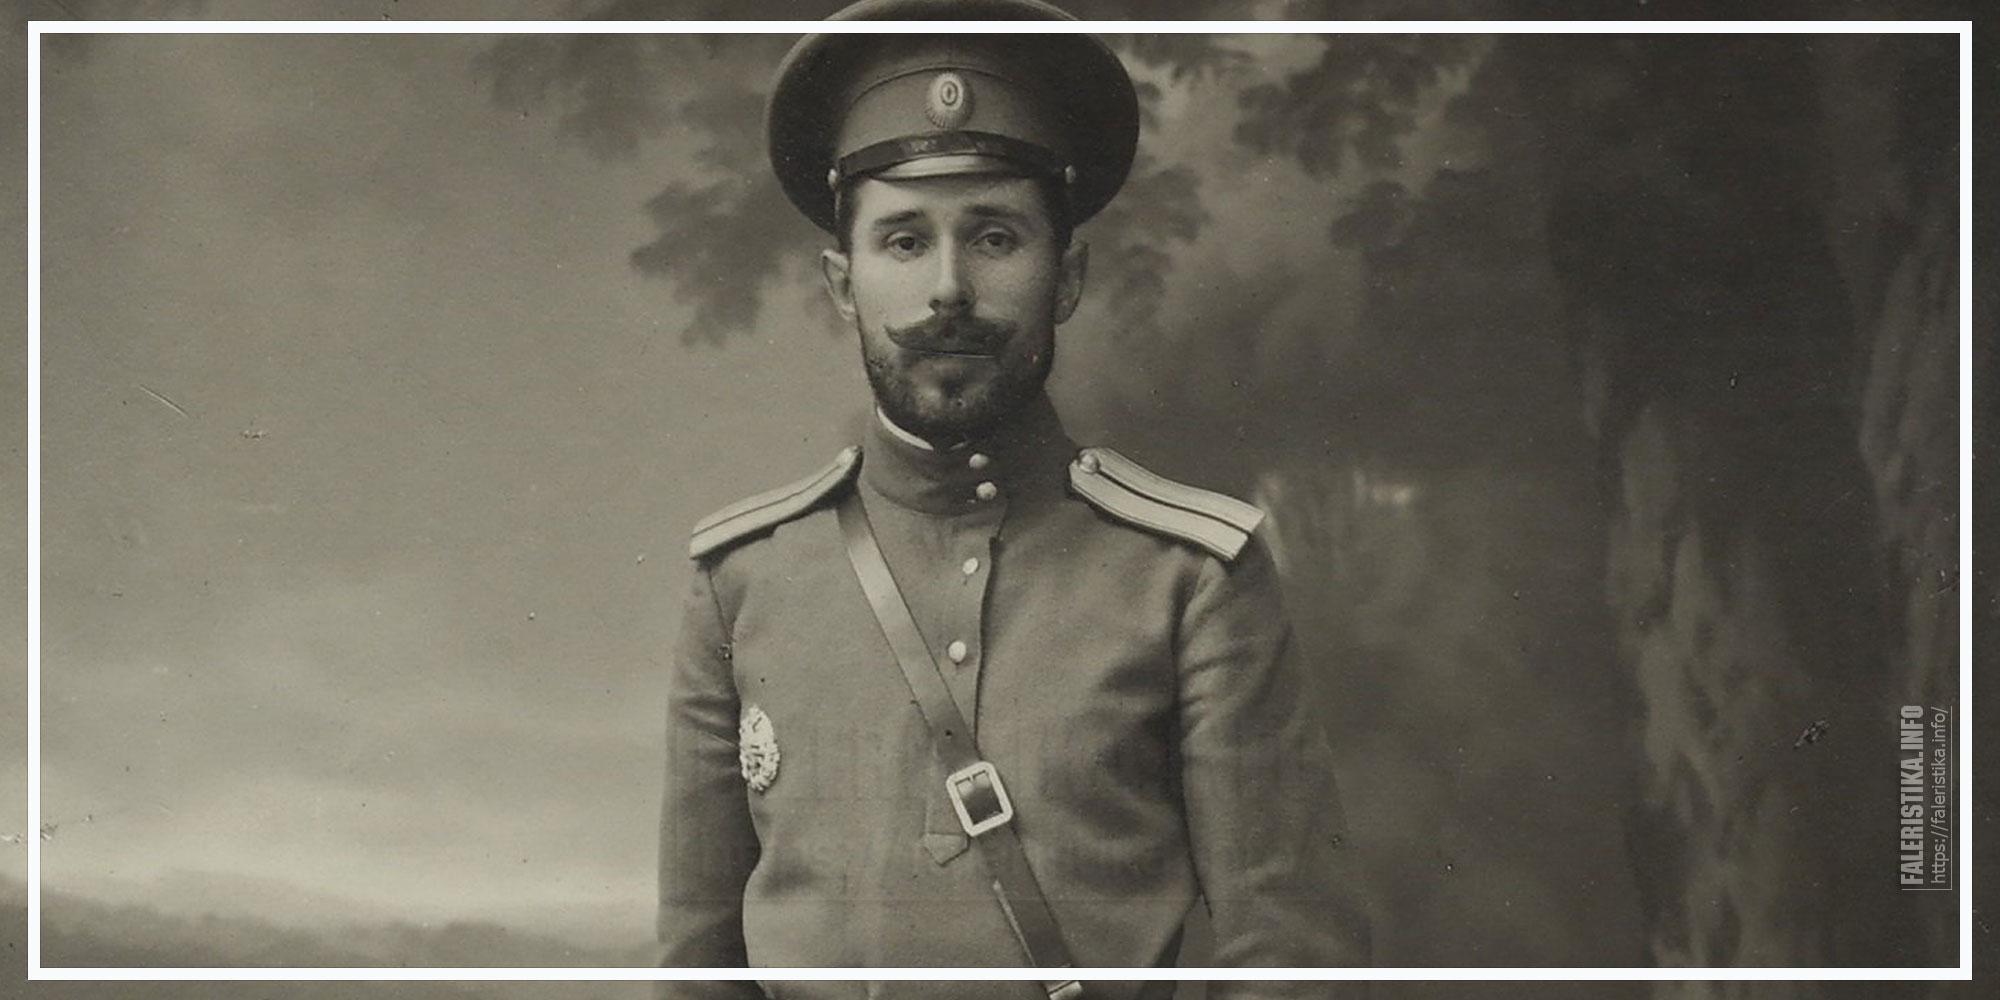 Офицер с нагрудным знаком военных врачей, удостоенных ученой степени доктора